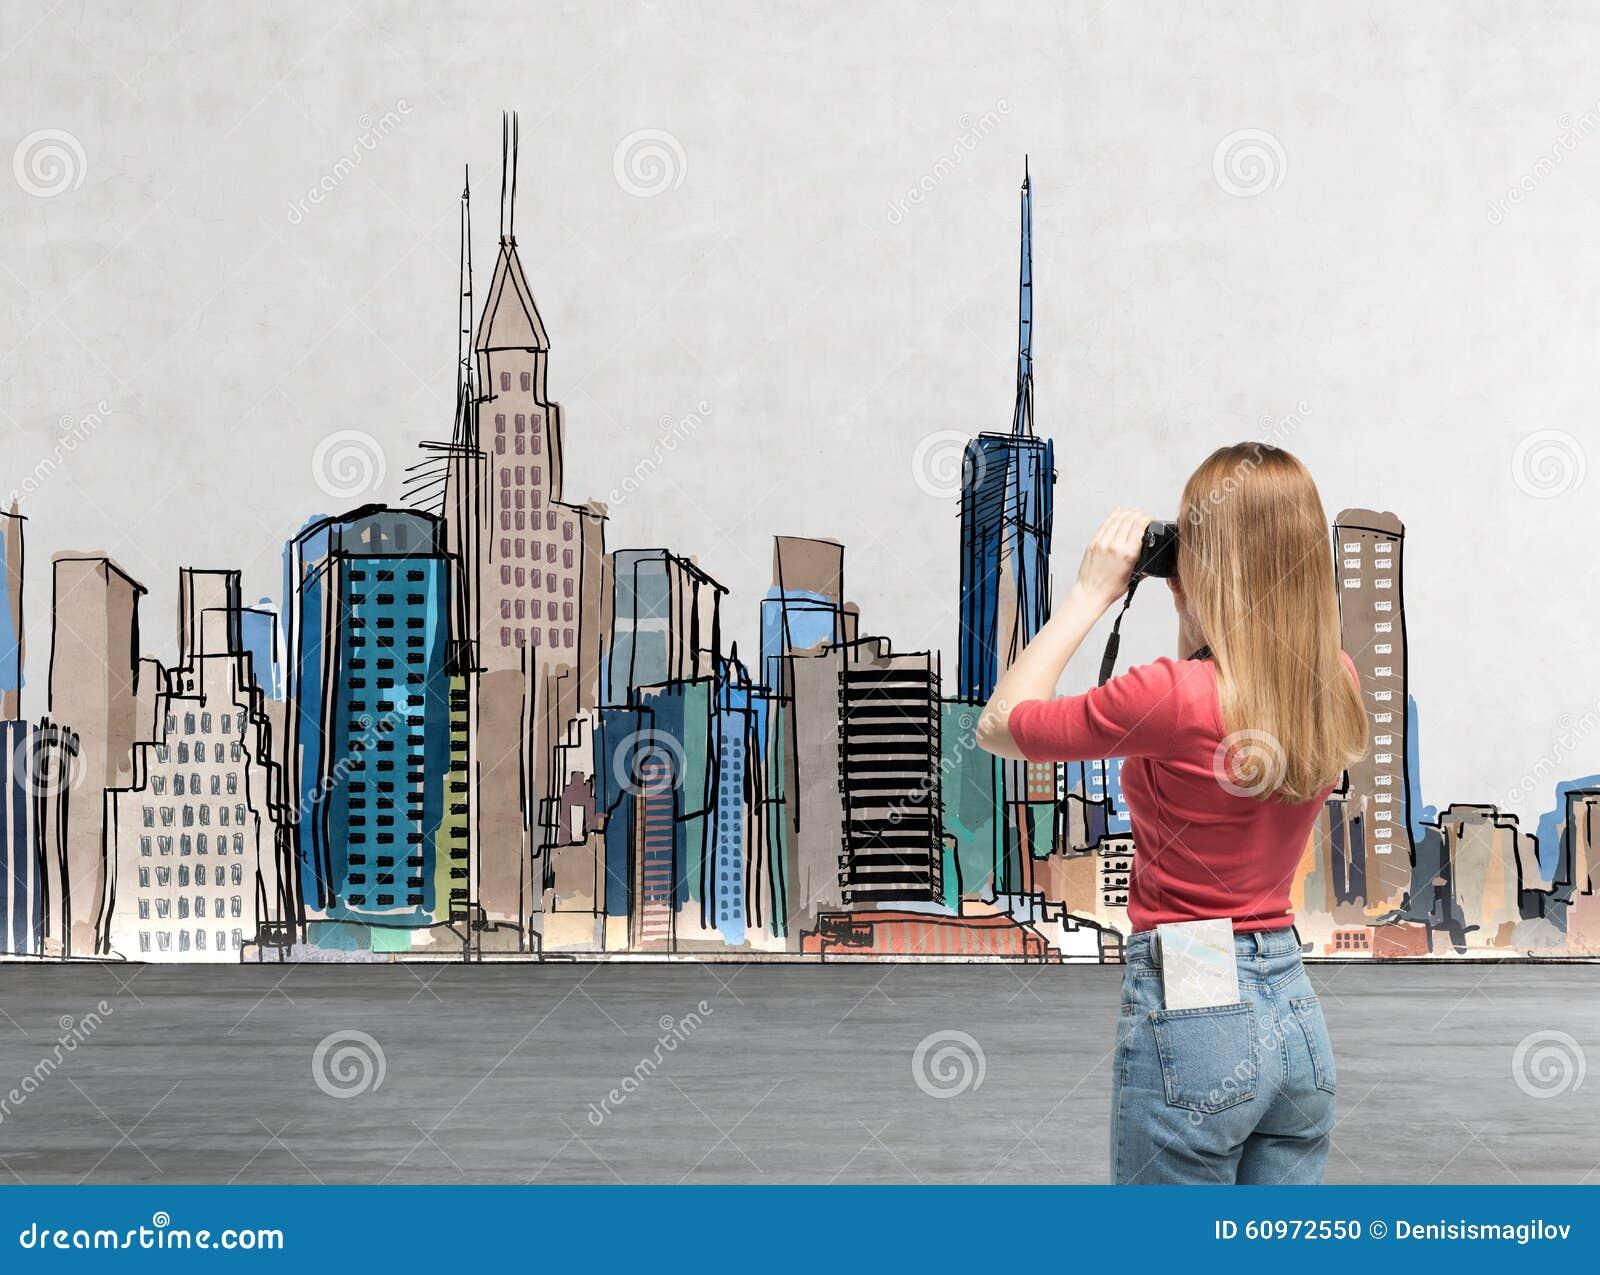 Junge Dame In Der Zufälligen Kleidung Ist Das Nehmen Bilder Des Gezogenen  New York Ein Konzept